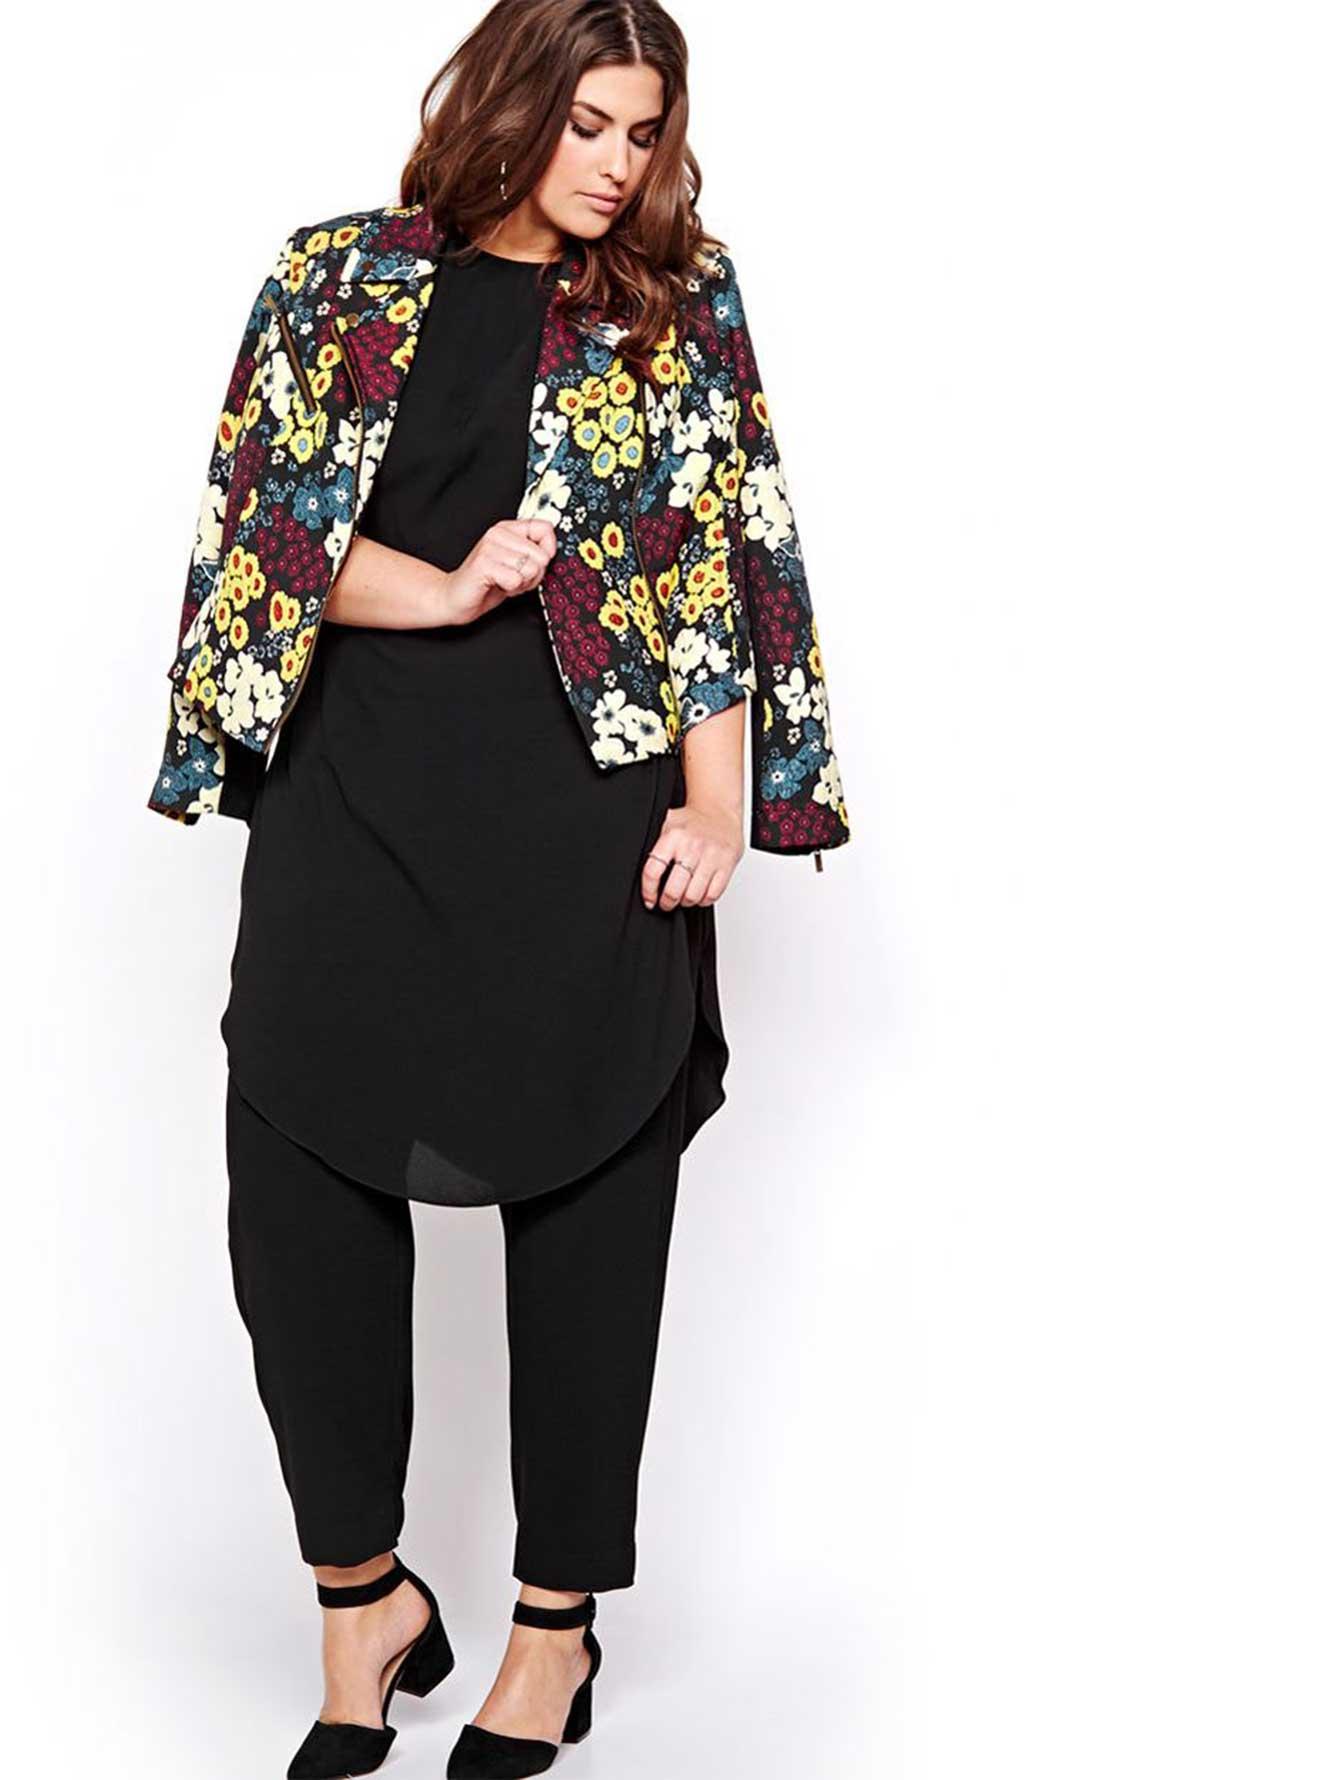 veste de motard fleurs rachel roy addition elle. Black Bedroom Furniture Sets. Home Design Ideas